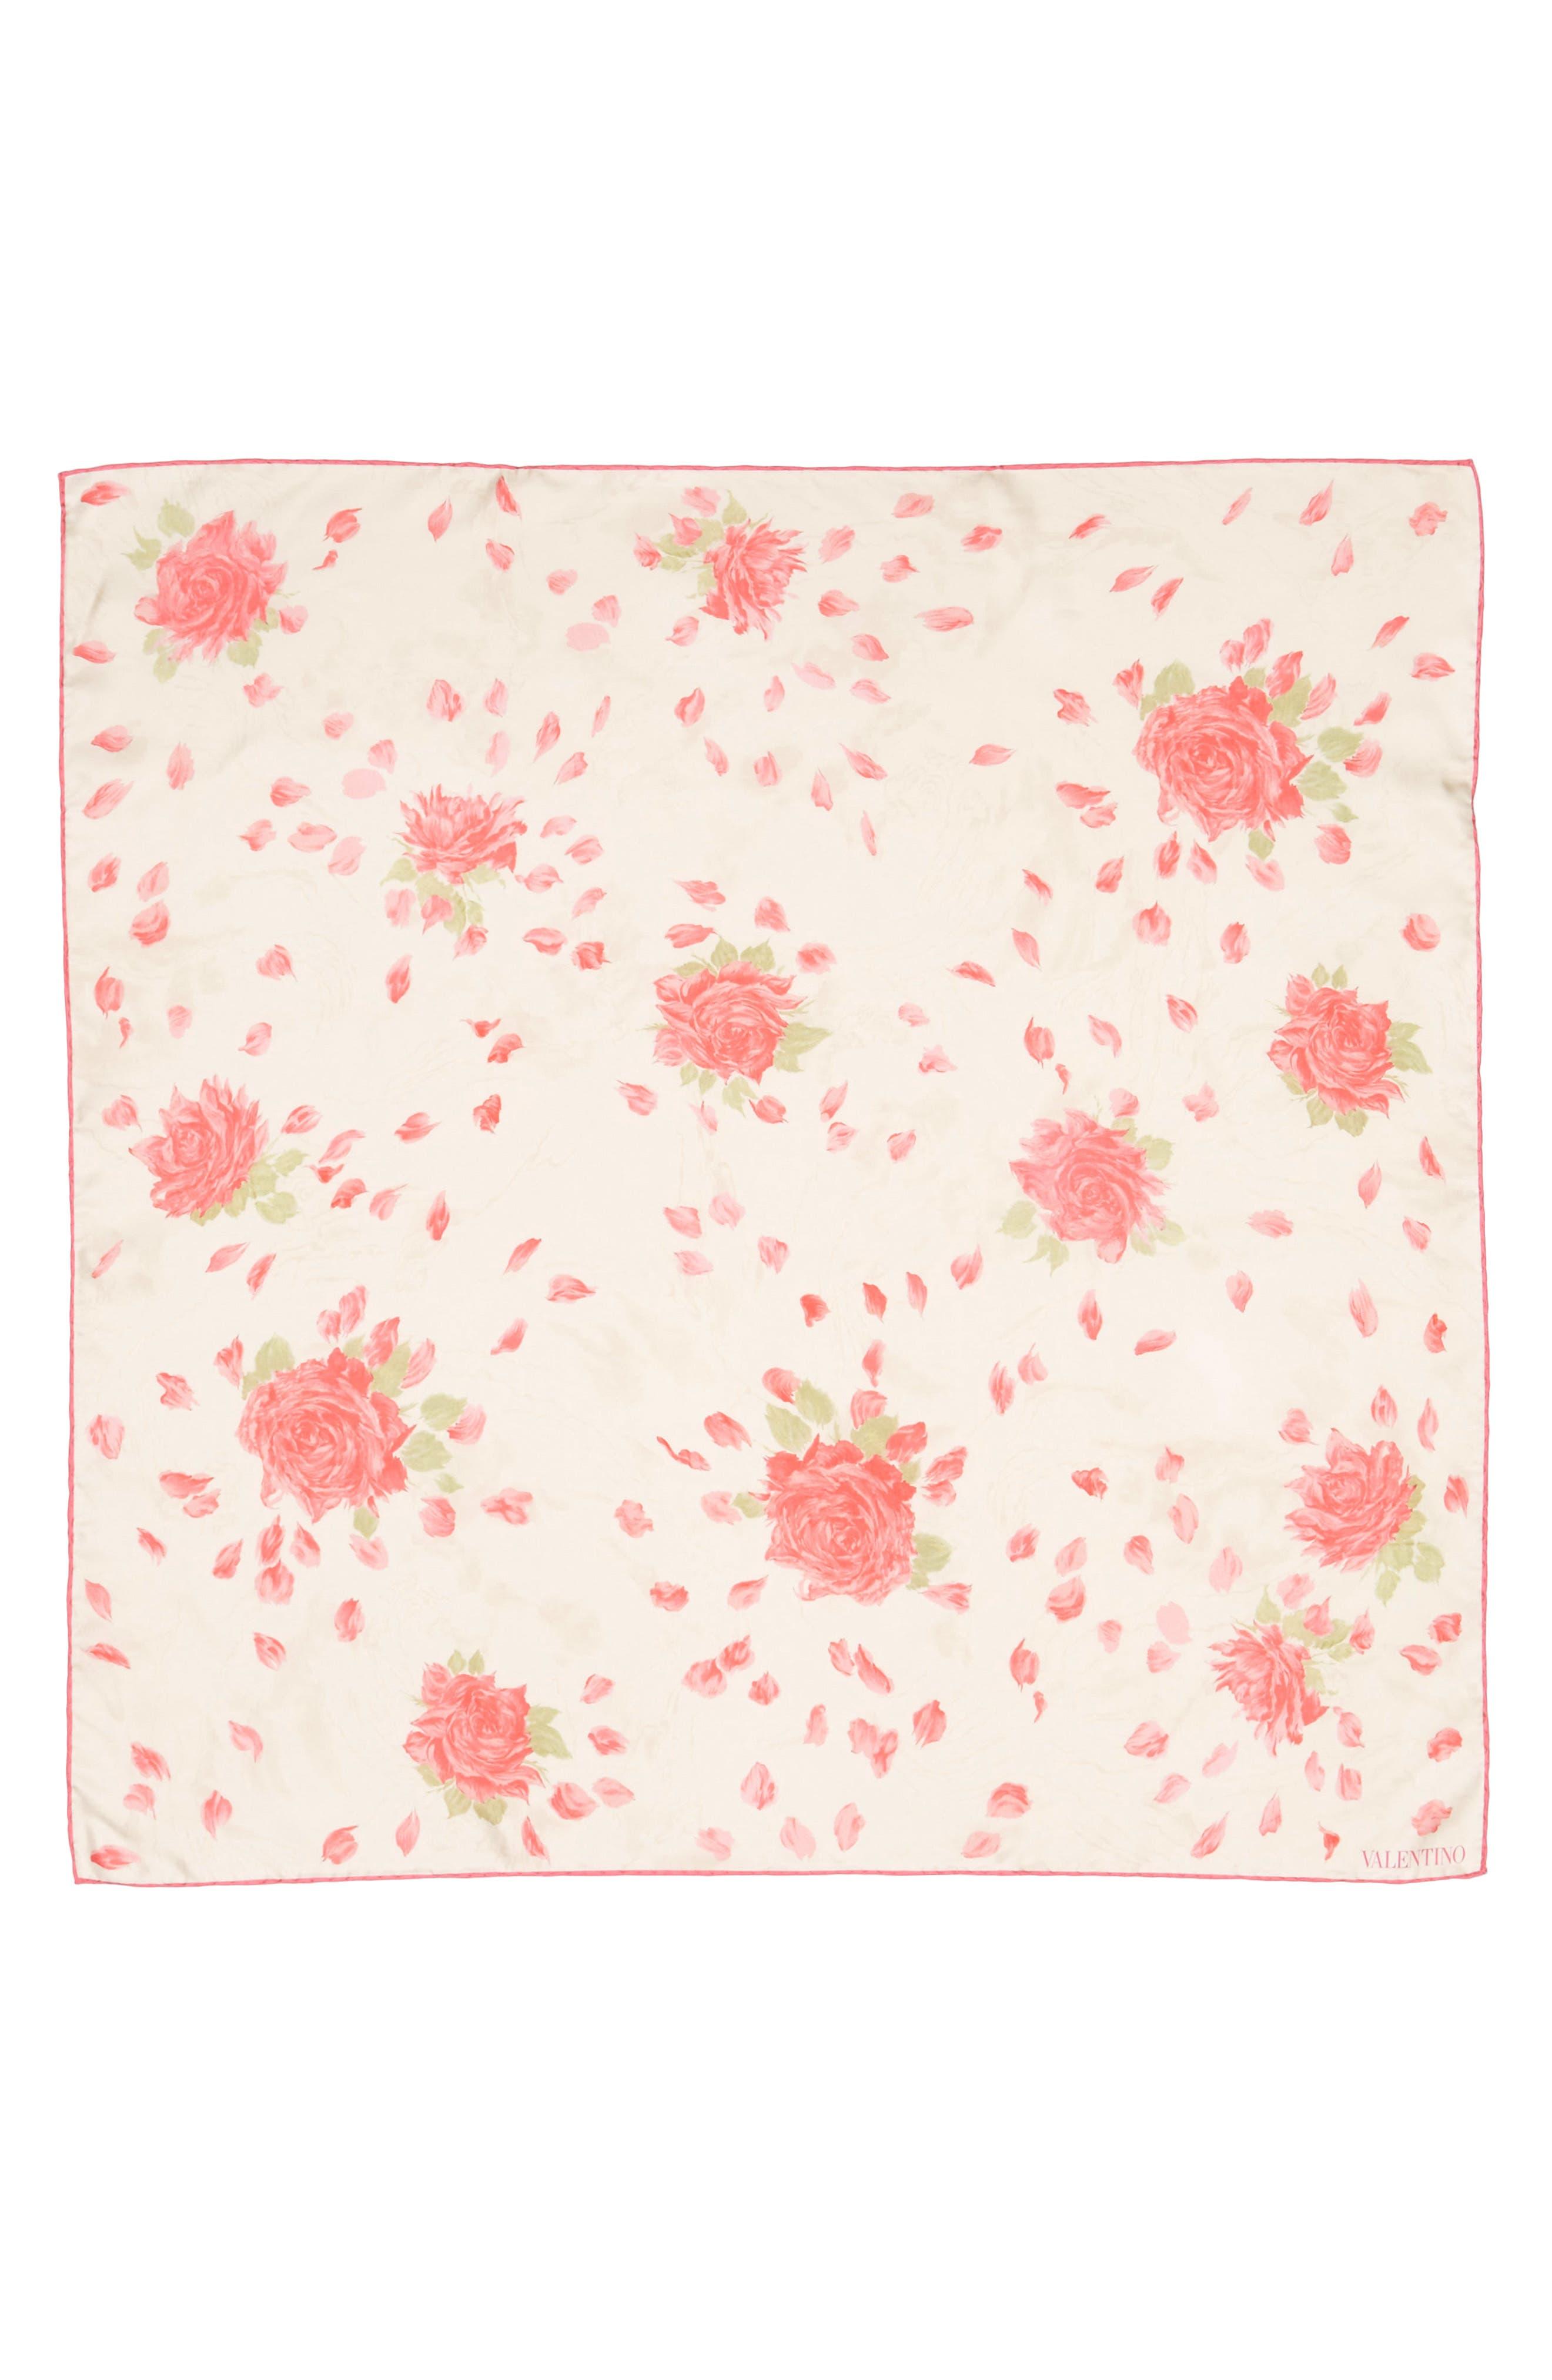 GARAVANI Rose Re-Edition Square Silk Scarf,                         Main,                         color, 650